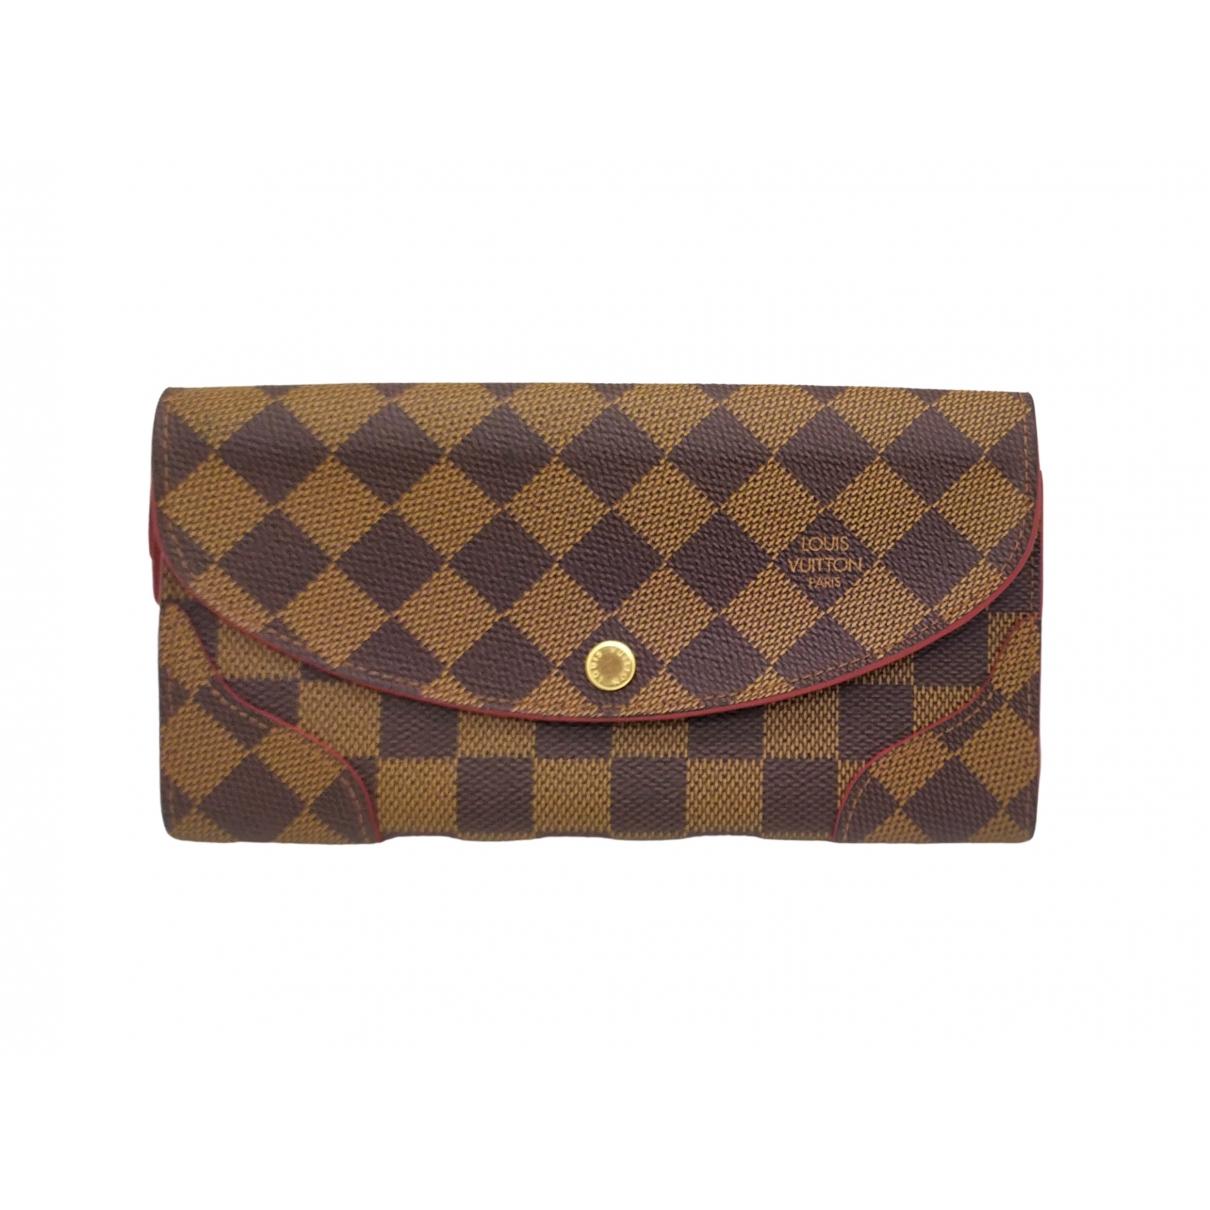 Louis Vuitton - Portefeuille Emilie pour femme en toile - rouge